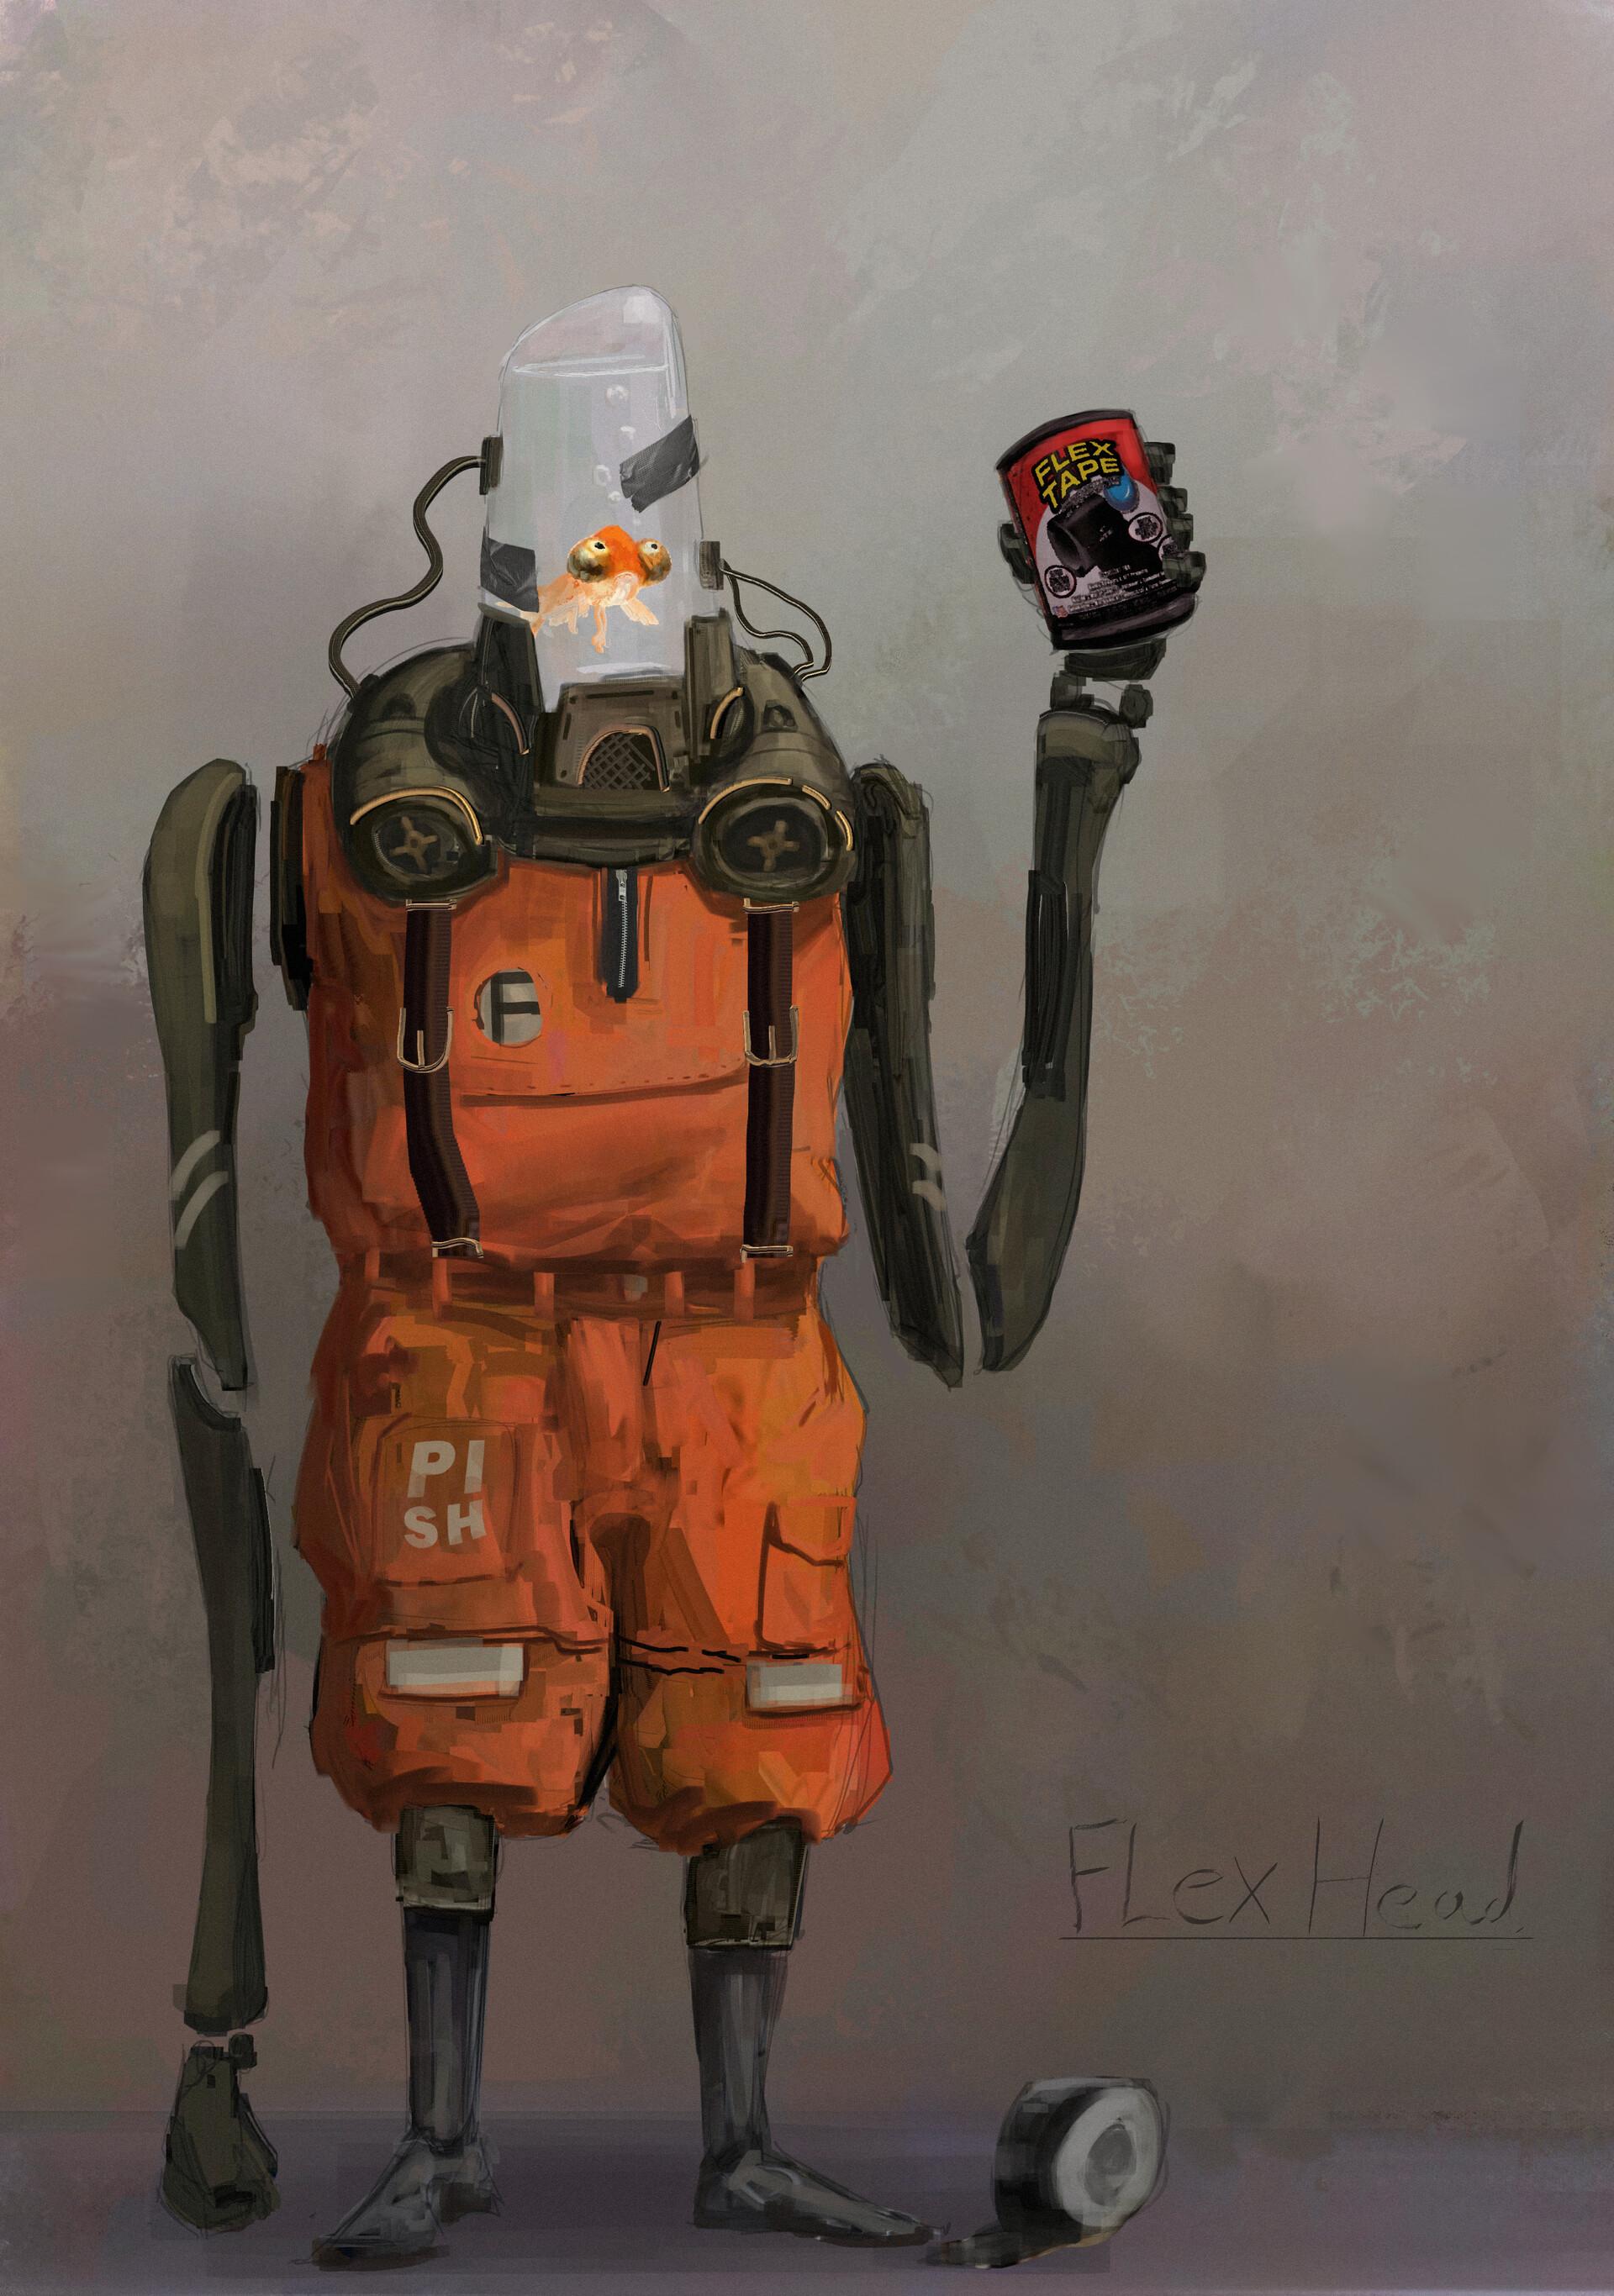 Jack dowell fish hex 3 edit